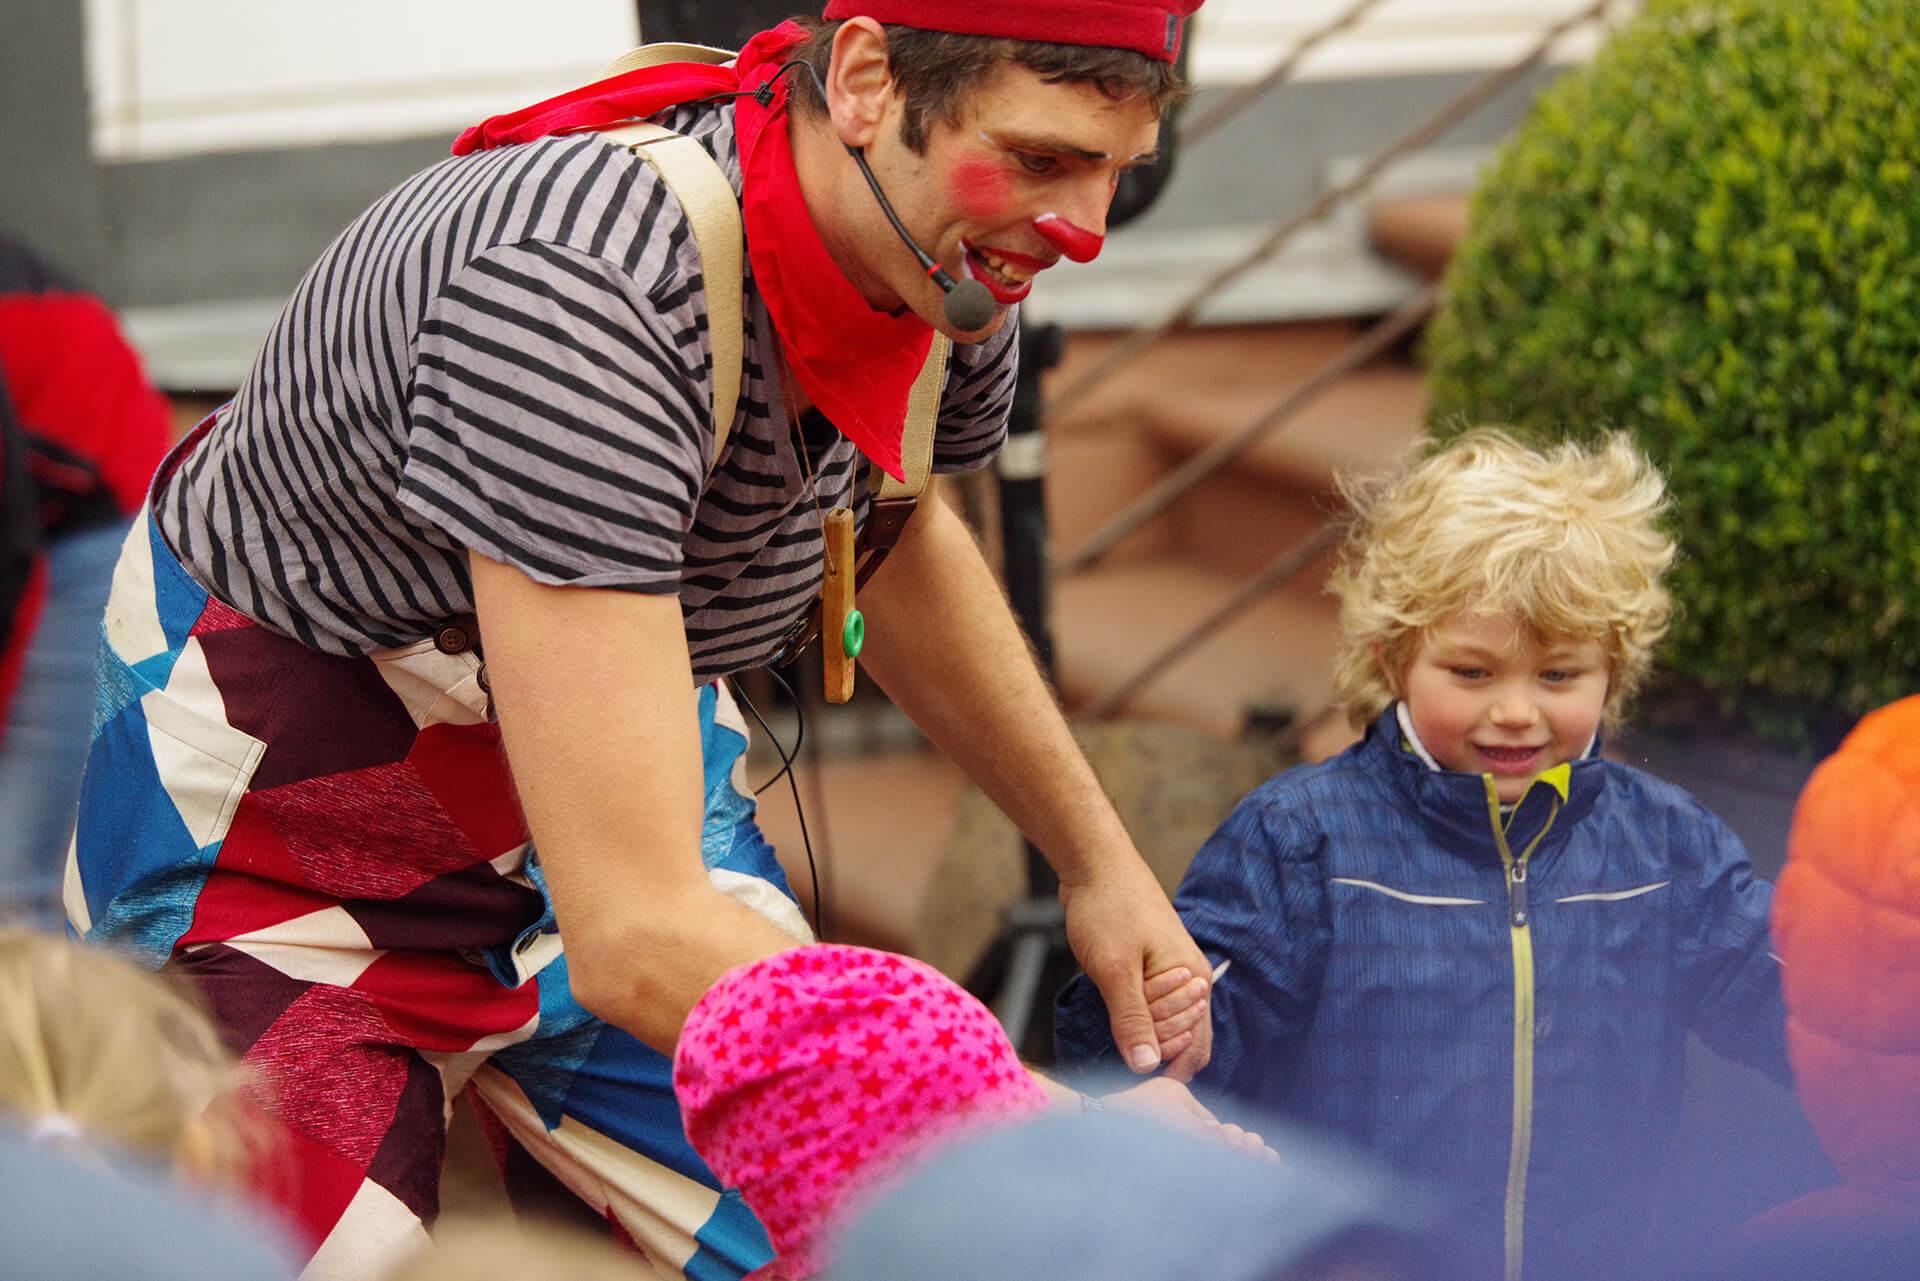 Familienfest auf dem Hofgut Dagobertshausen